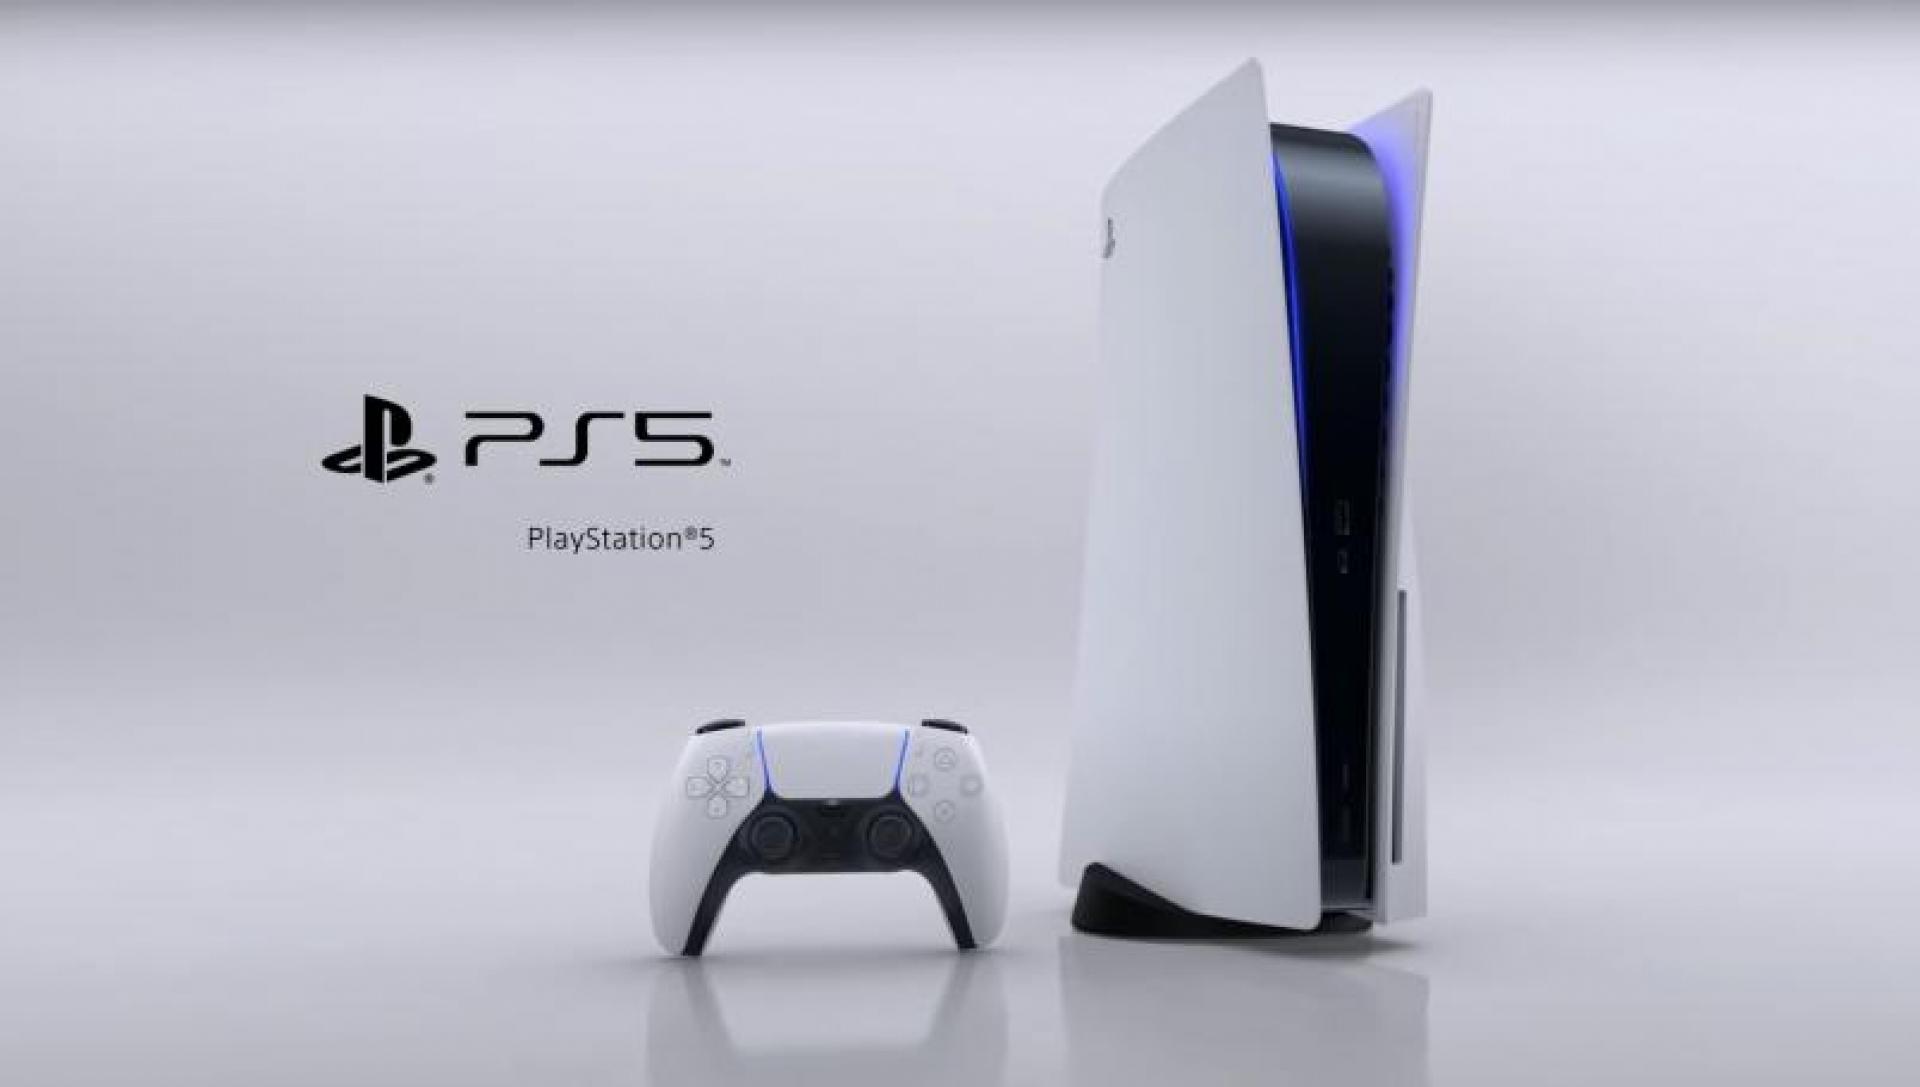 tanggal rilis PS5 di Indonesia